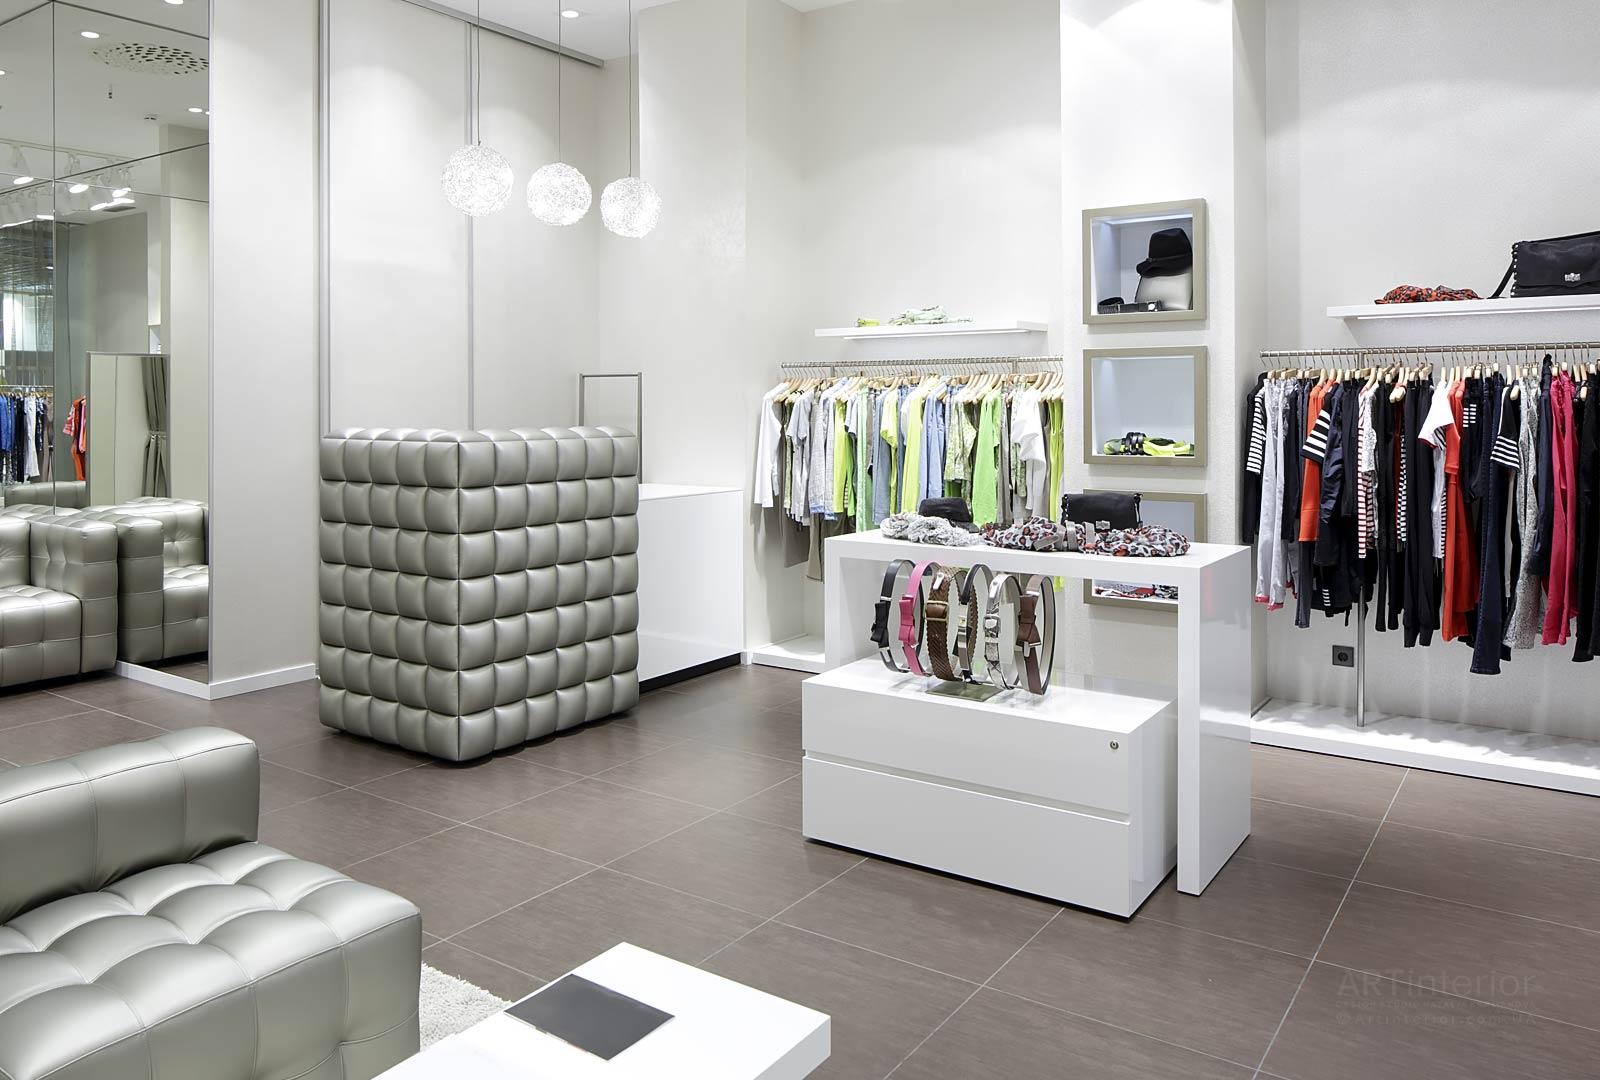 d53a24c83a459 ... магазин-бутик одежды | Дизайн и стиль интерьера квартиры, дома, ...